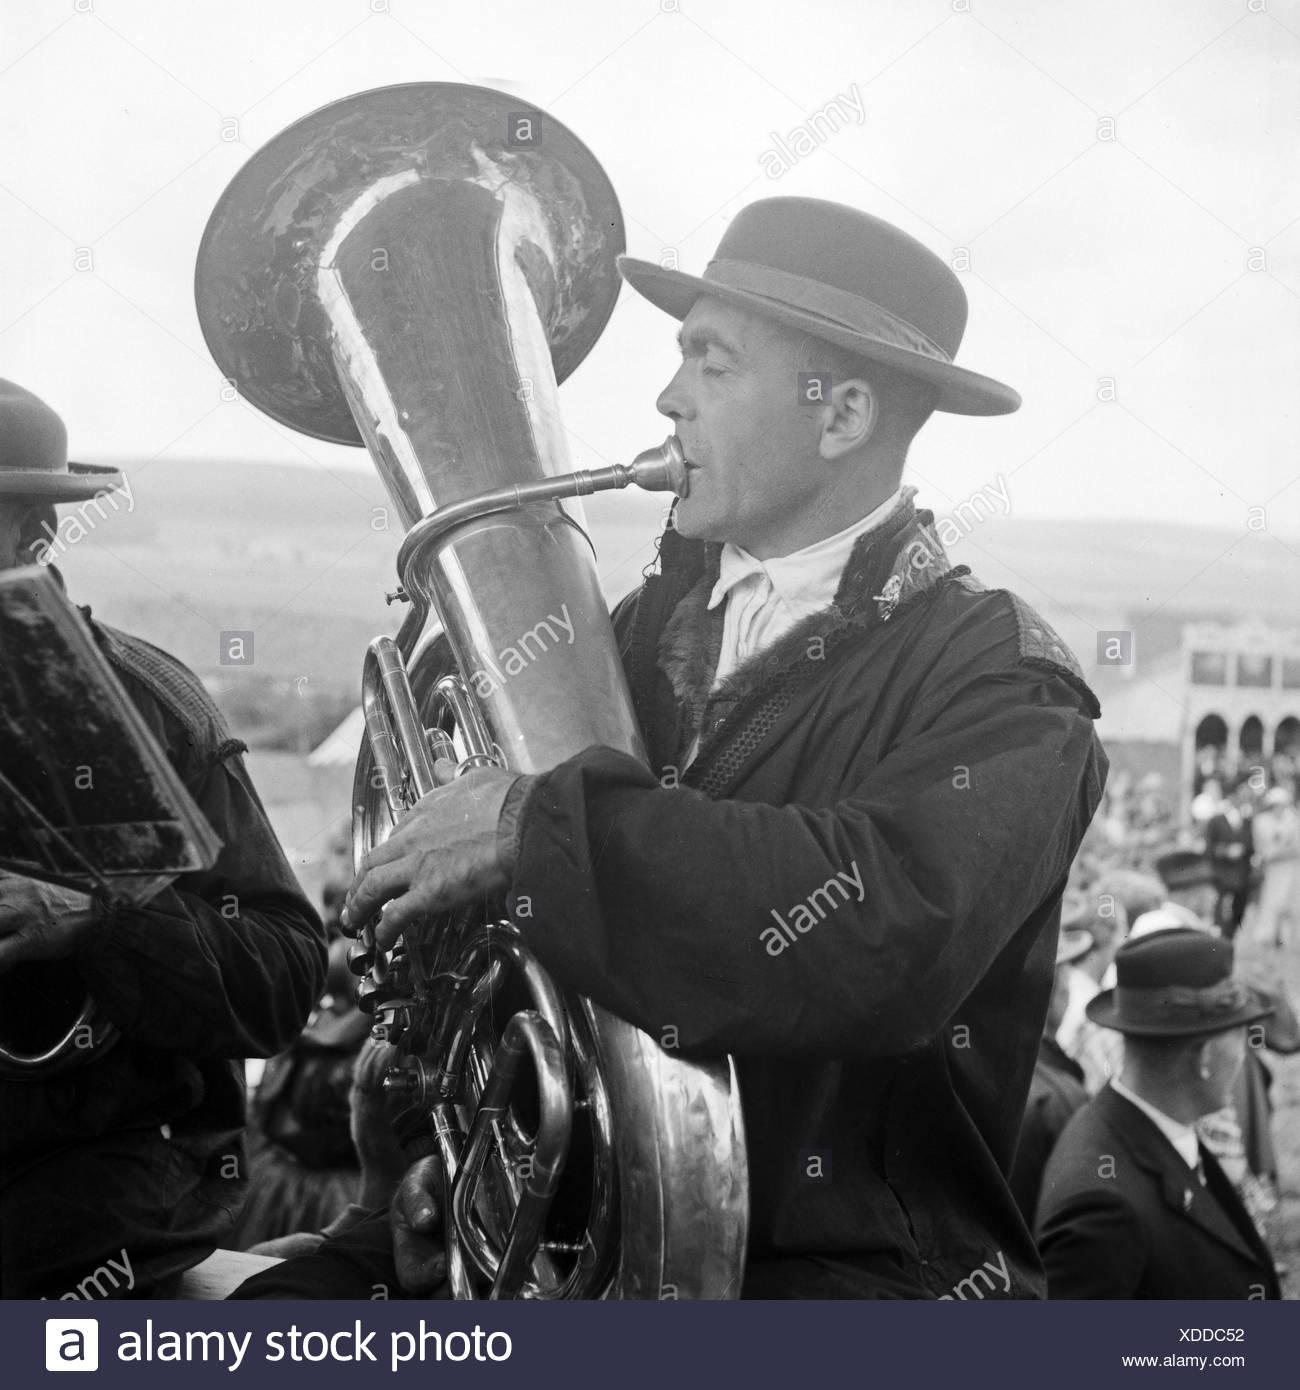 Einer der Musiker Auf Einem Bierwagen Auf Einer Vatertagstour in der Westhessischen Schwalm, 1930er Jahre Deutschland. Einer der Musiker ein Vatertag unterwegs Musik zu machen, auf ein Bier-Wagen am westlichen hessischen Region Schwalm, Deutschland der 1930er Jahre. Stockbild